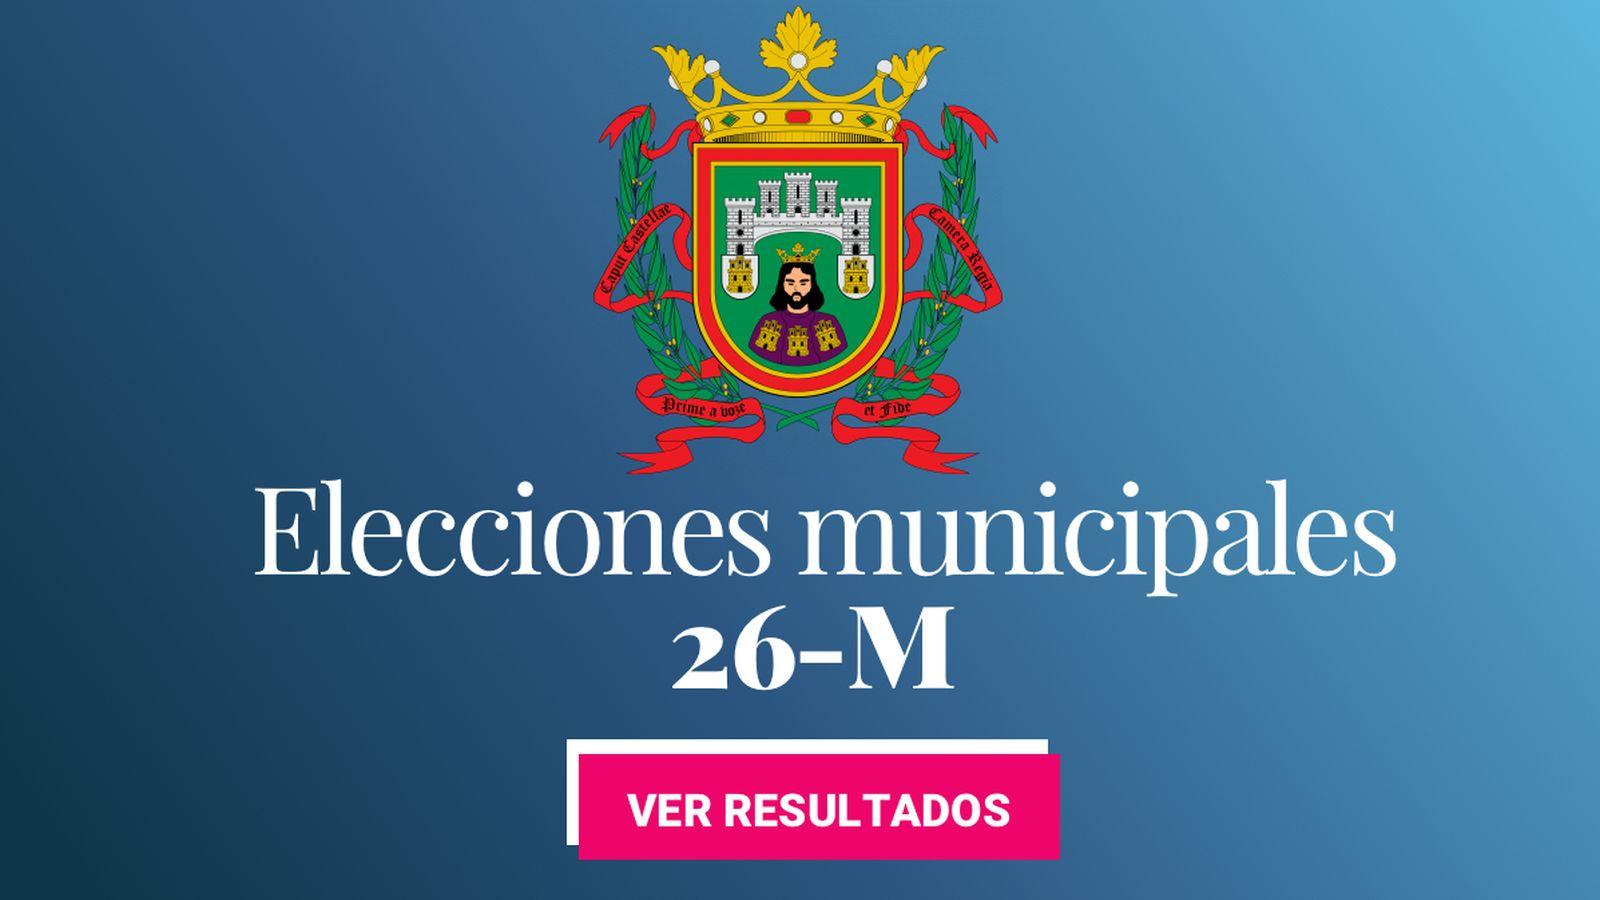 Foto: Elecciones municipales 2019 en Burgos. (C.C./EC)